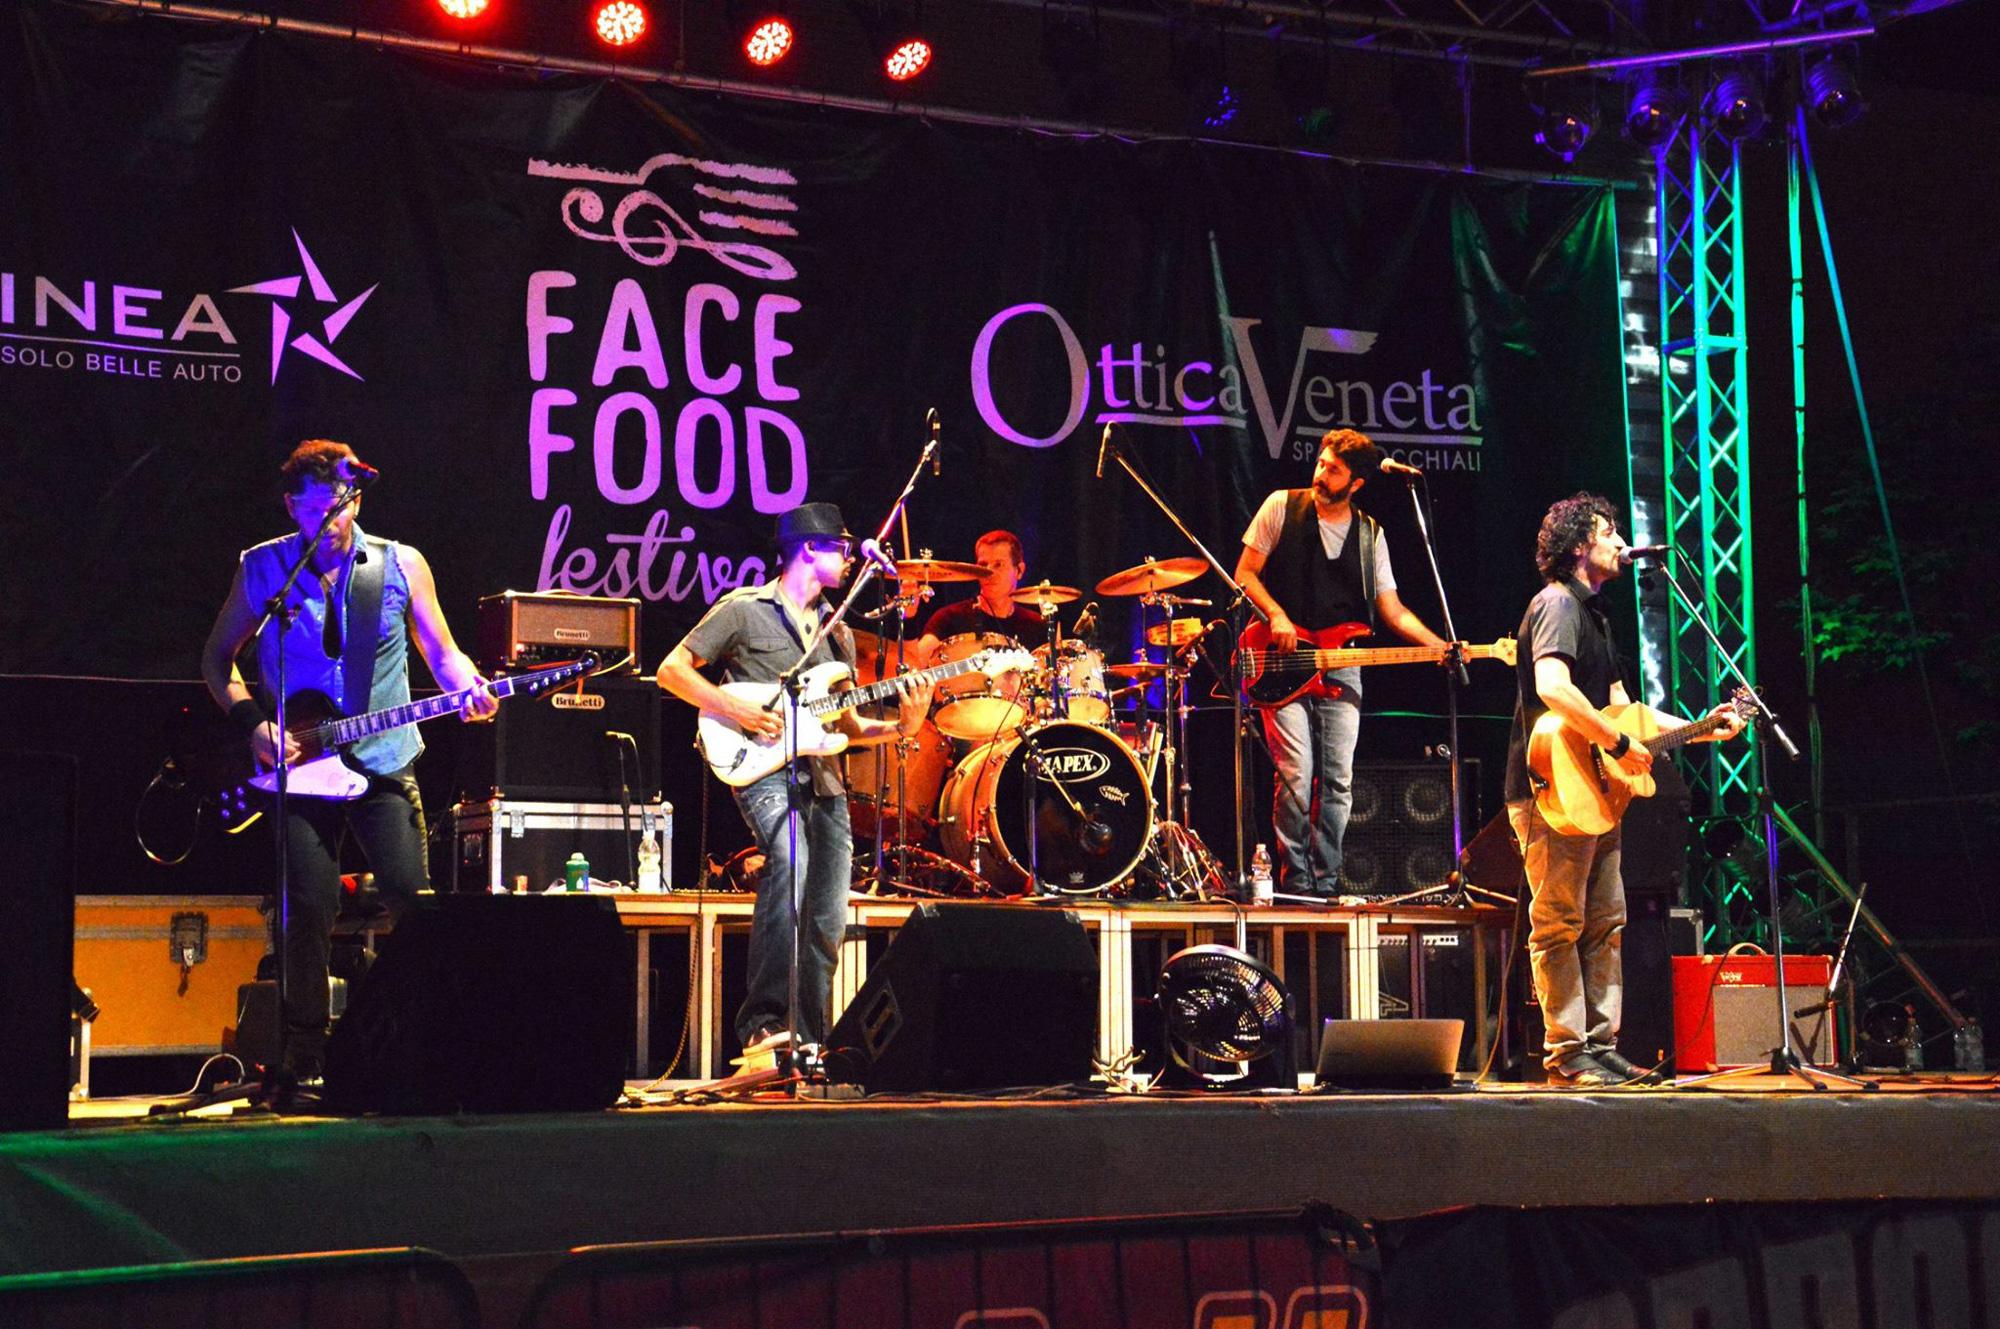 BARRACUDA cover band